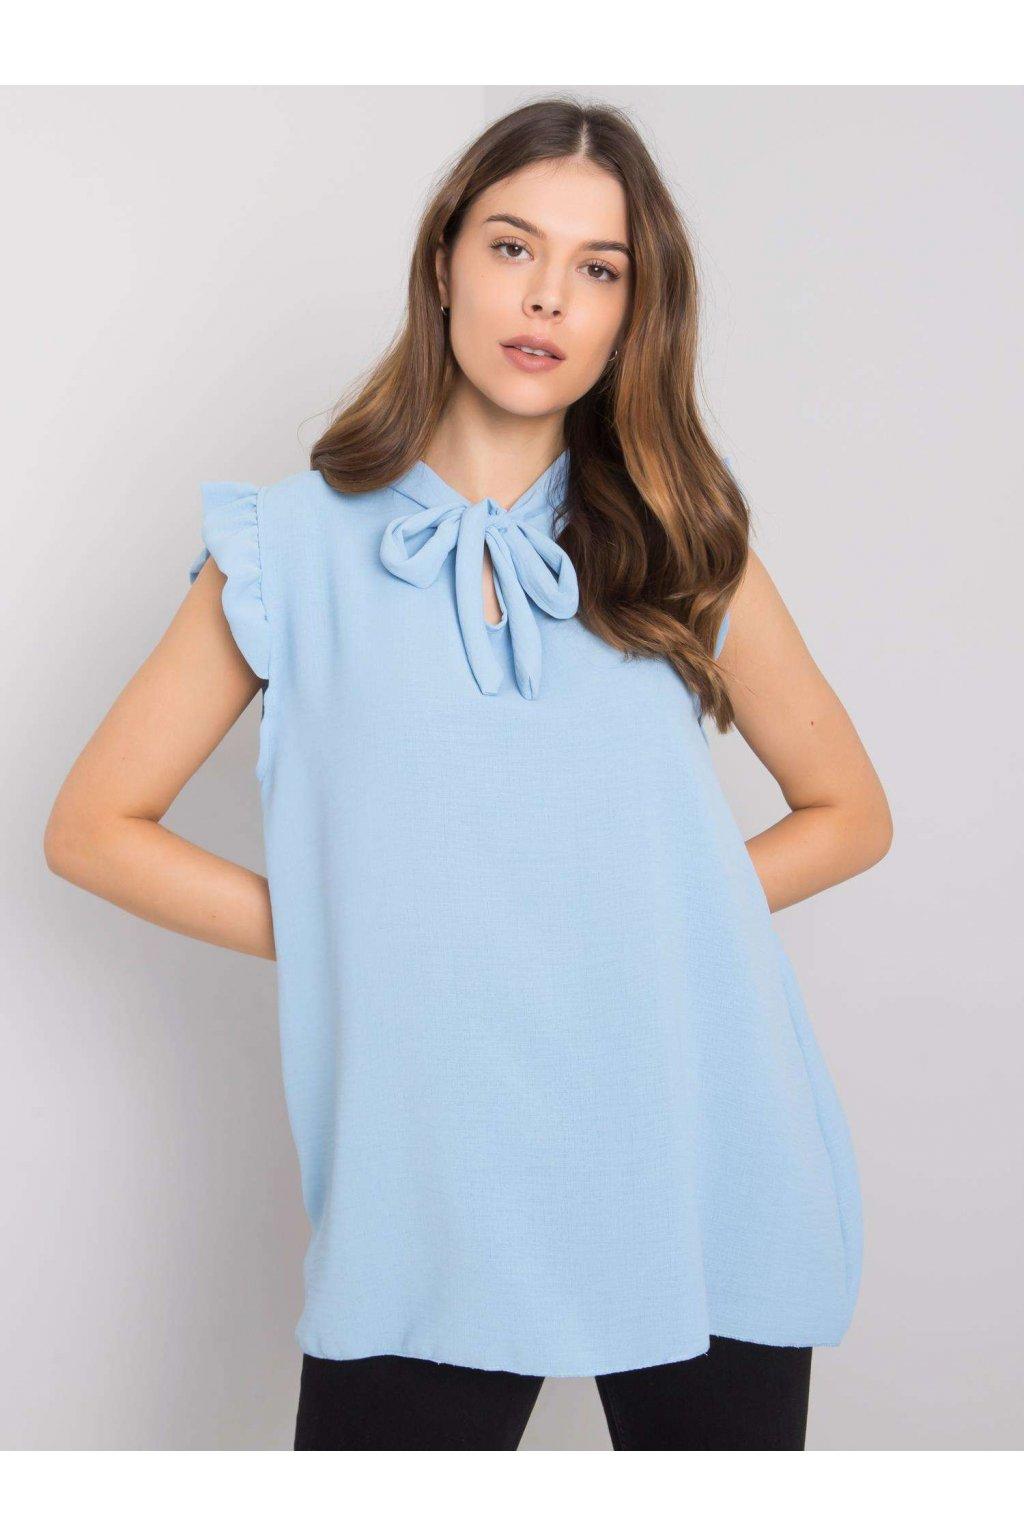 pol pl Niebieska bluzka z wiazaniem Imelda 364608 1